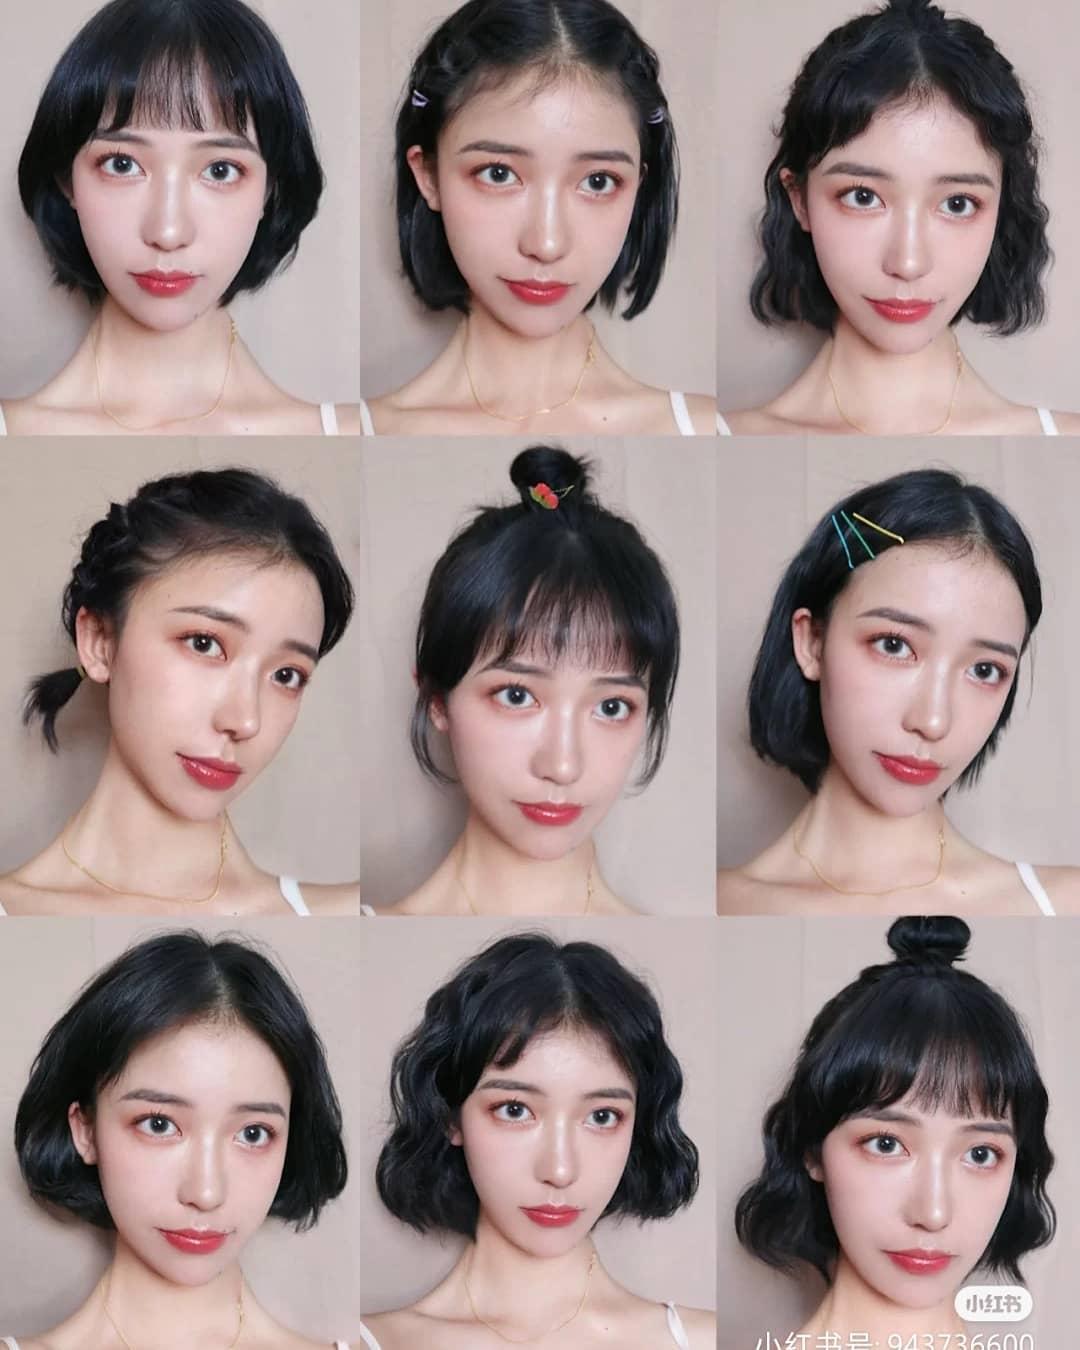 Các cô gái tóc ngắn đừng nghĩ rằng kiểu tóc này rất nhàm chán và khó tạo kiểu. Bằng chút sáng tạo, bạn có thể thử các kiểu tóc xoăn sóng nhẹ nhàng, tóc buộc đuôi gà, tóc tết mái, tóc búi củ tỏi... trông rất năng động và trẻ trung.